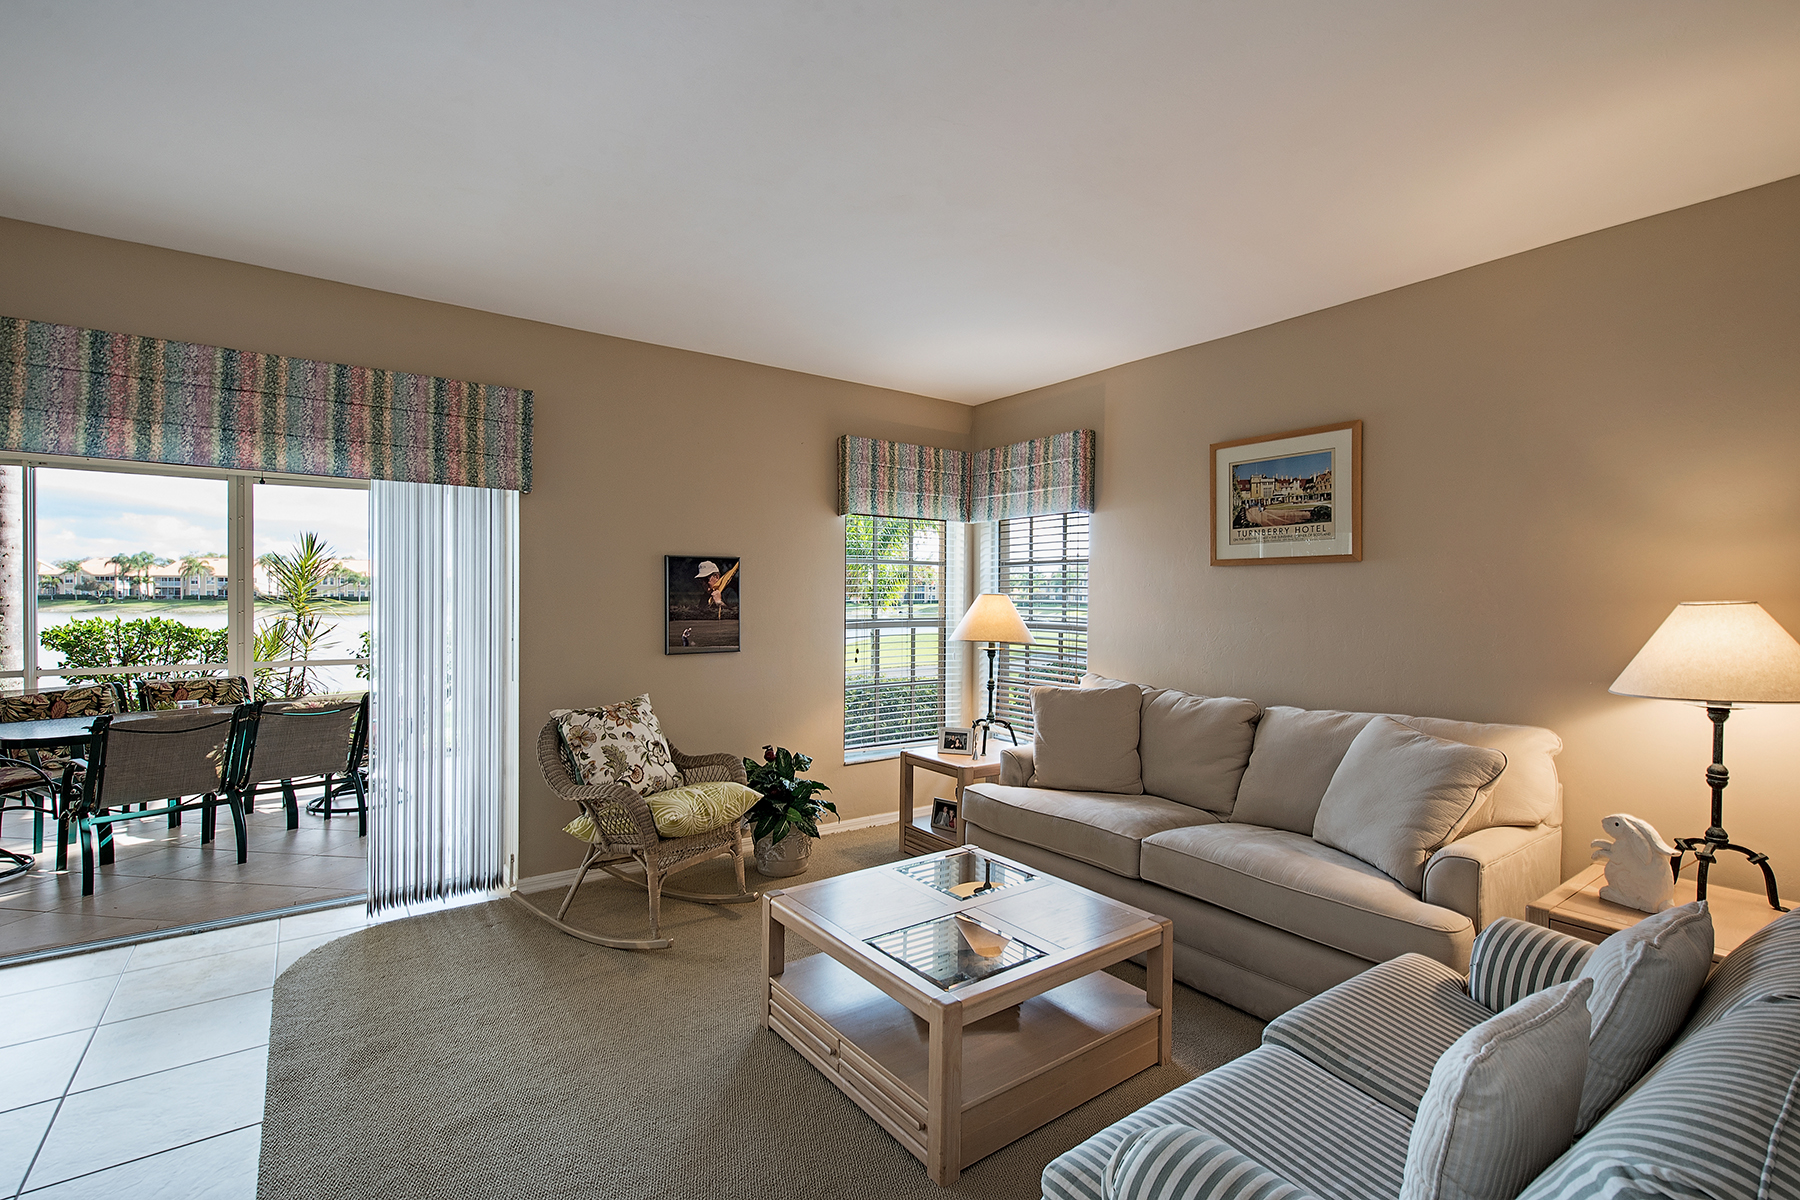 Condominium for Sale at WORTHINGTON 28008 Cavendish Ct 4902, Bonita Springs, Florida 34135 United States